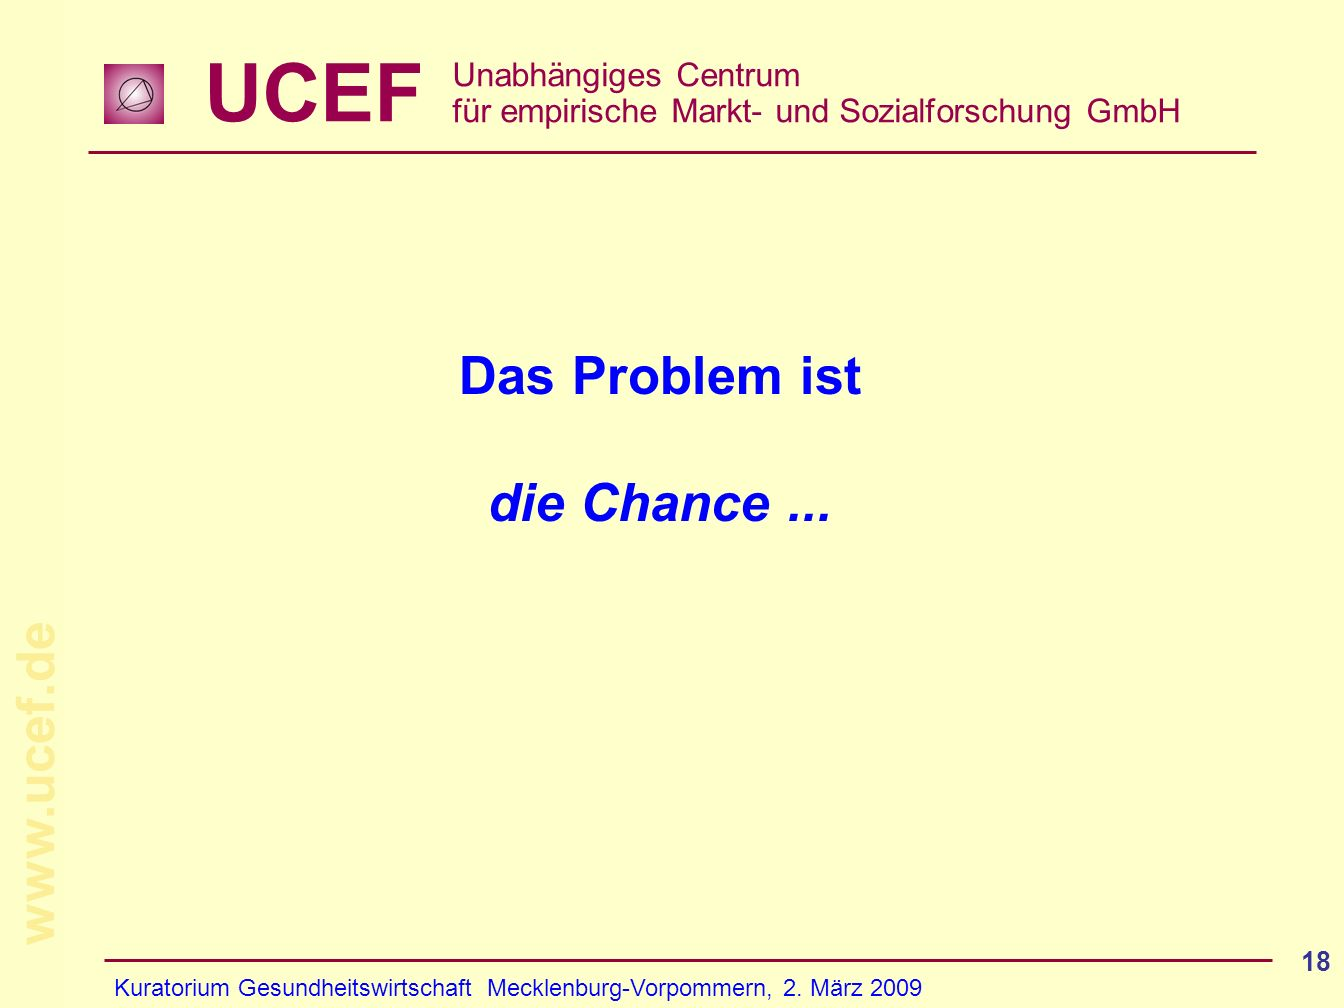 UCEF Unabhängiges Centrum für empirische Markt- und Sozialforschung GmbH www.ucef.de Kuratorium Gesundheitswirtschaft Mecklenburg-Vorpommern, 2.